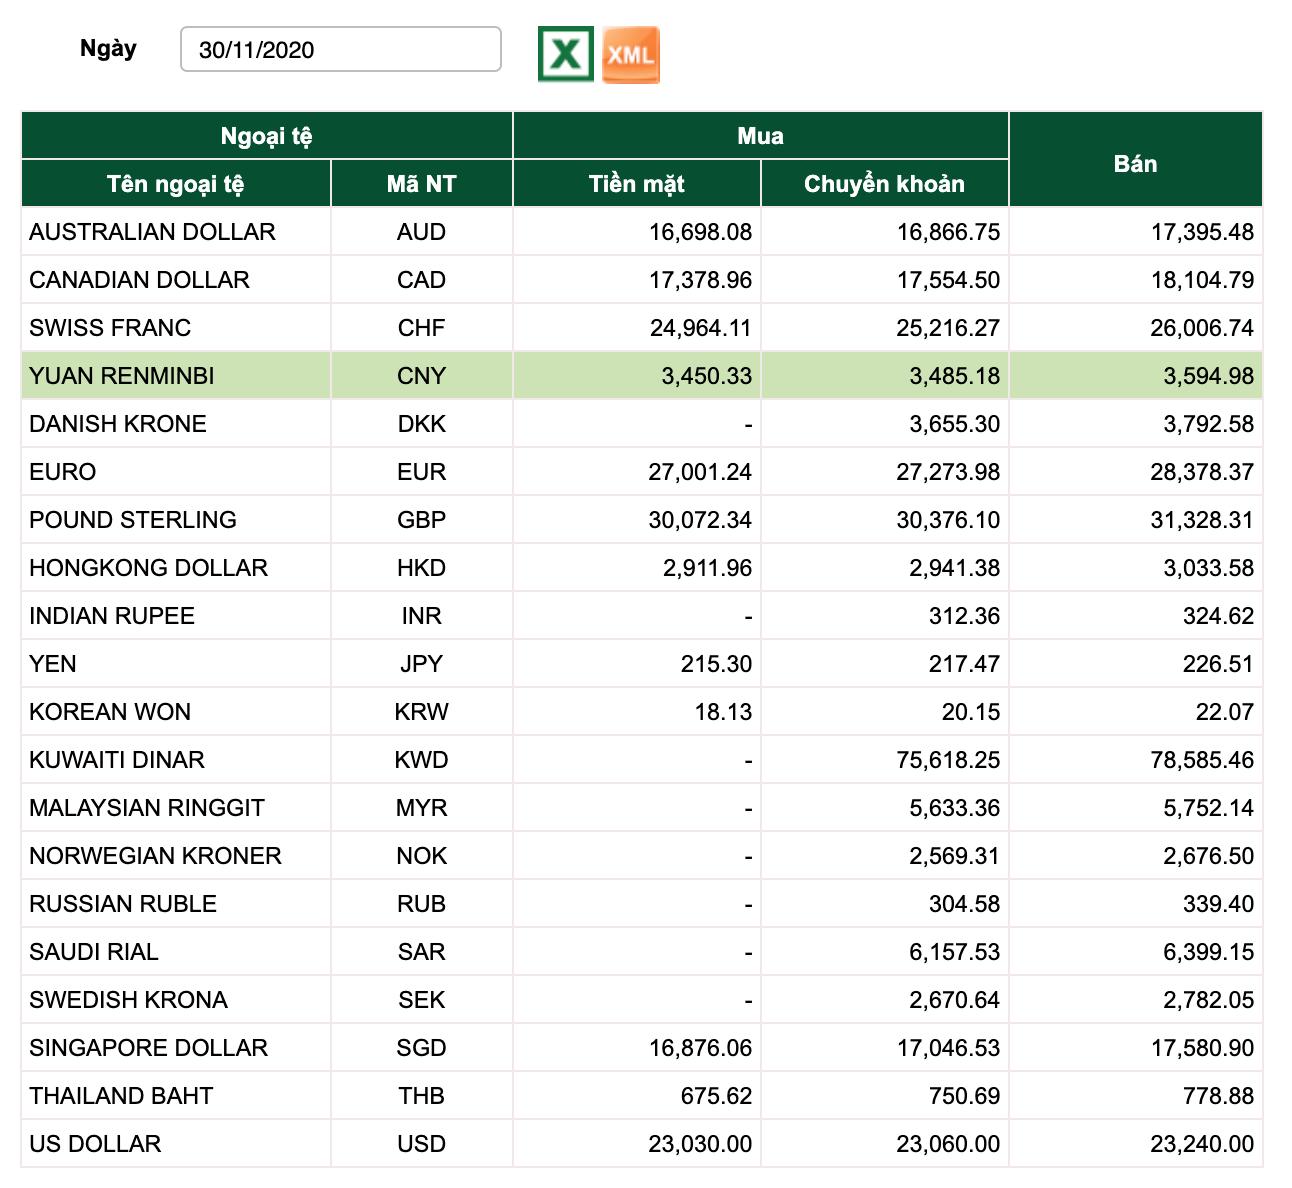 Tỷ giá Vietcombank hôm nay 30/11: Đồng USD giảm giá theo thị trường thế giới